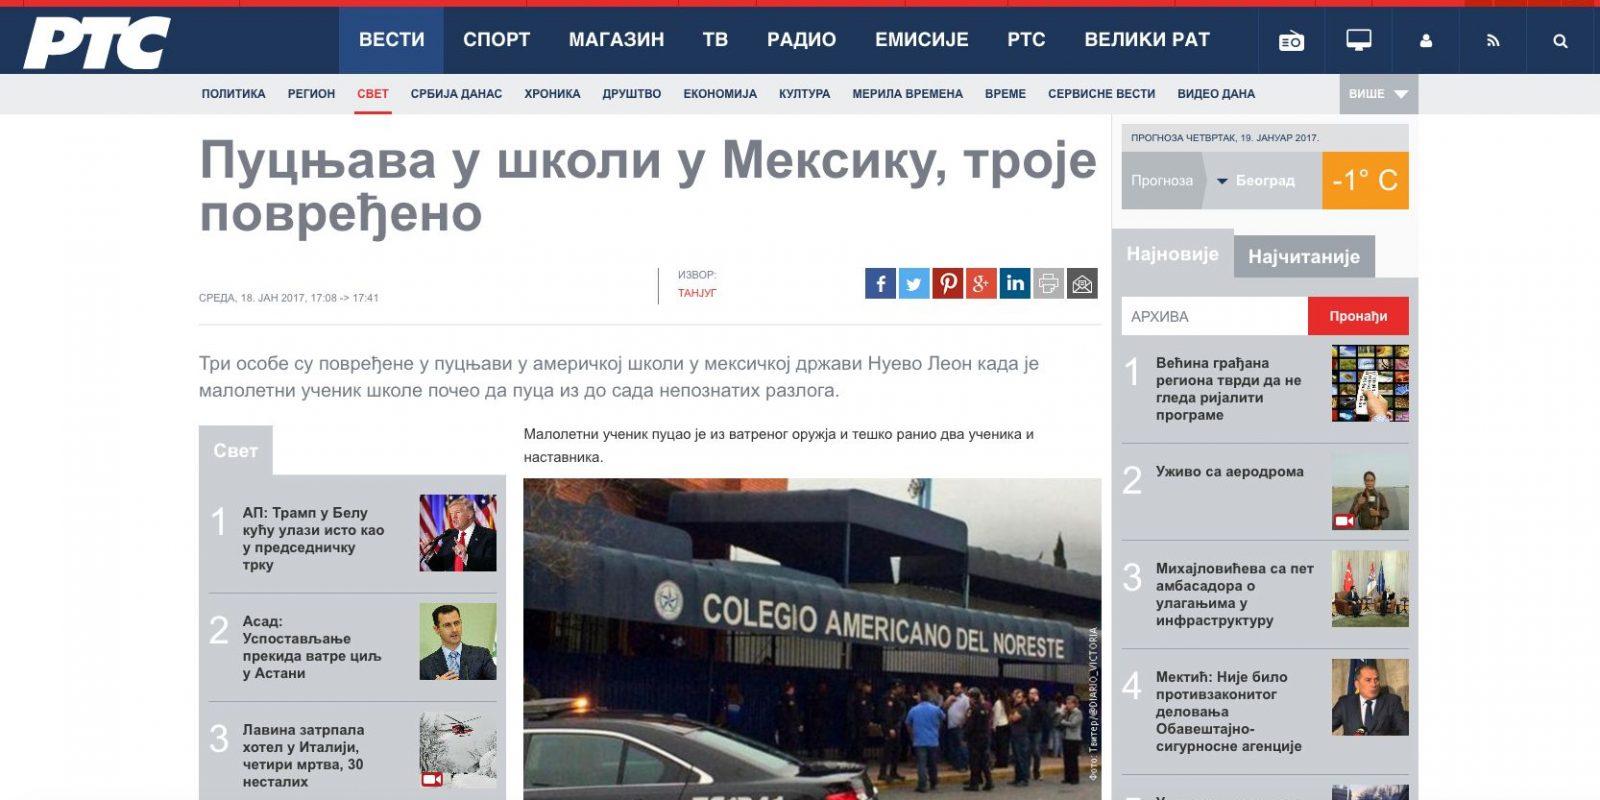 PTC – Rusia